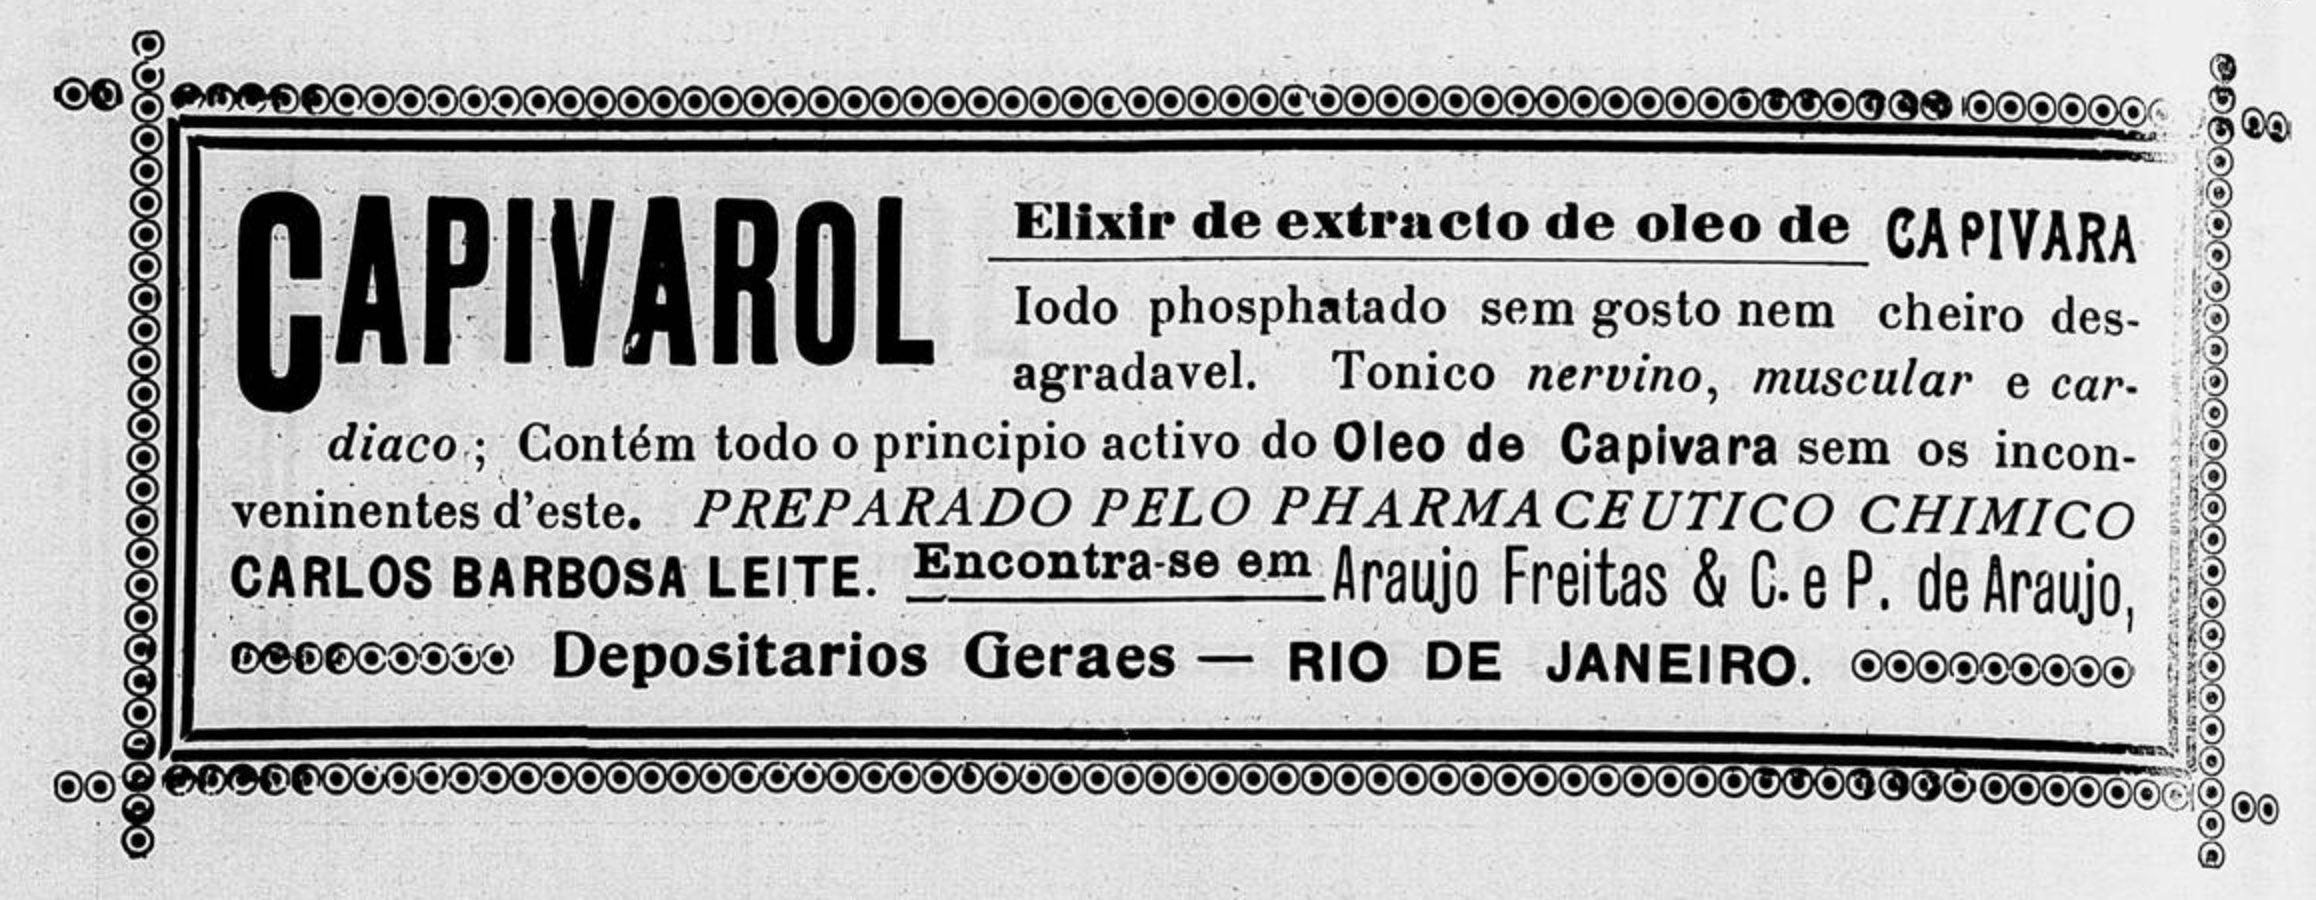 Anúncio veiculado em 1913 do óleo de capivara da marca Capivarol